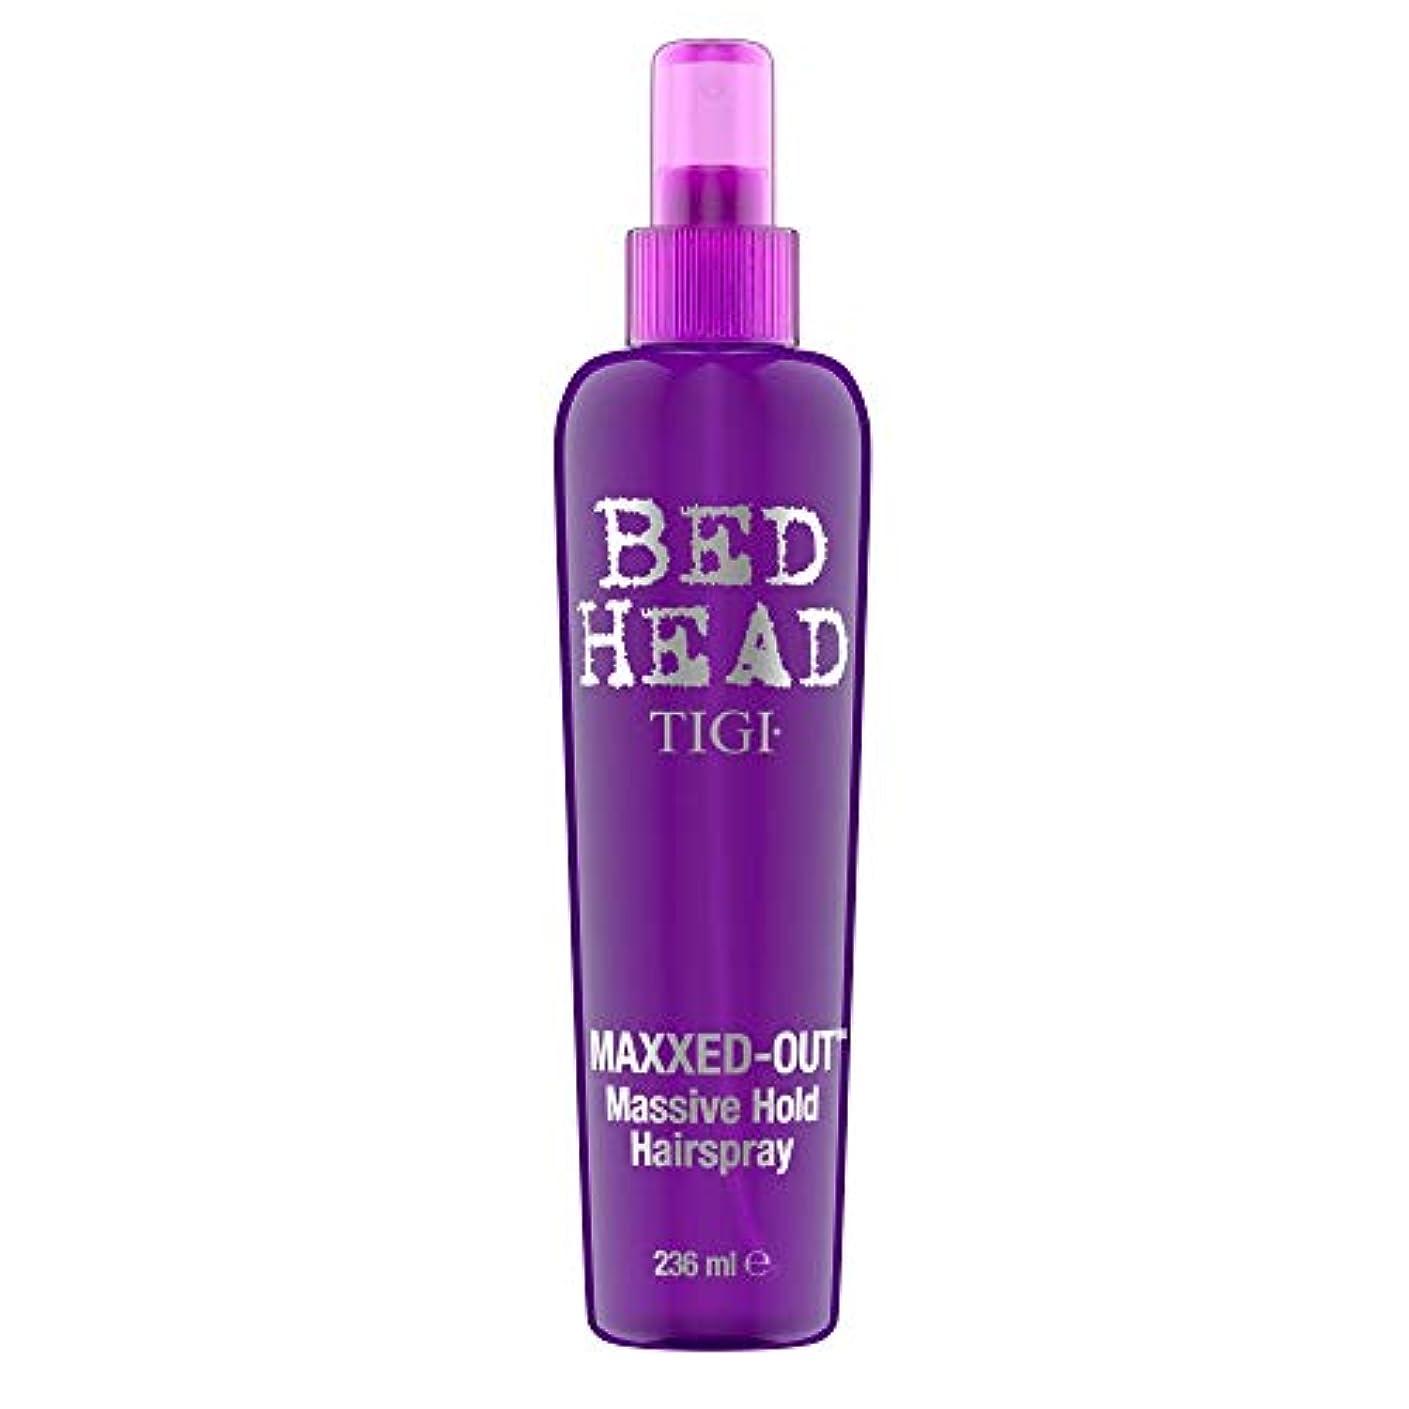 ベッドひそかに乱気流ティジー ベッドヘッドマックストアウトミスト スーパーホールド 200ml (並行輸入品)